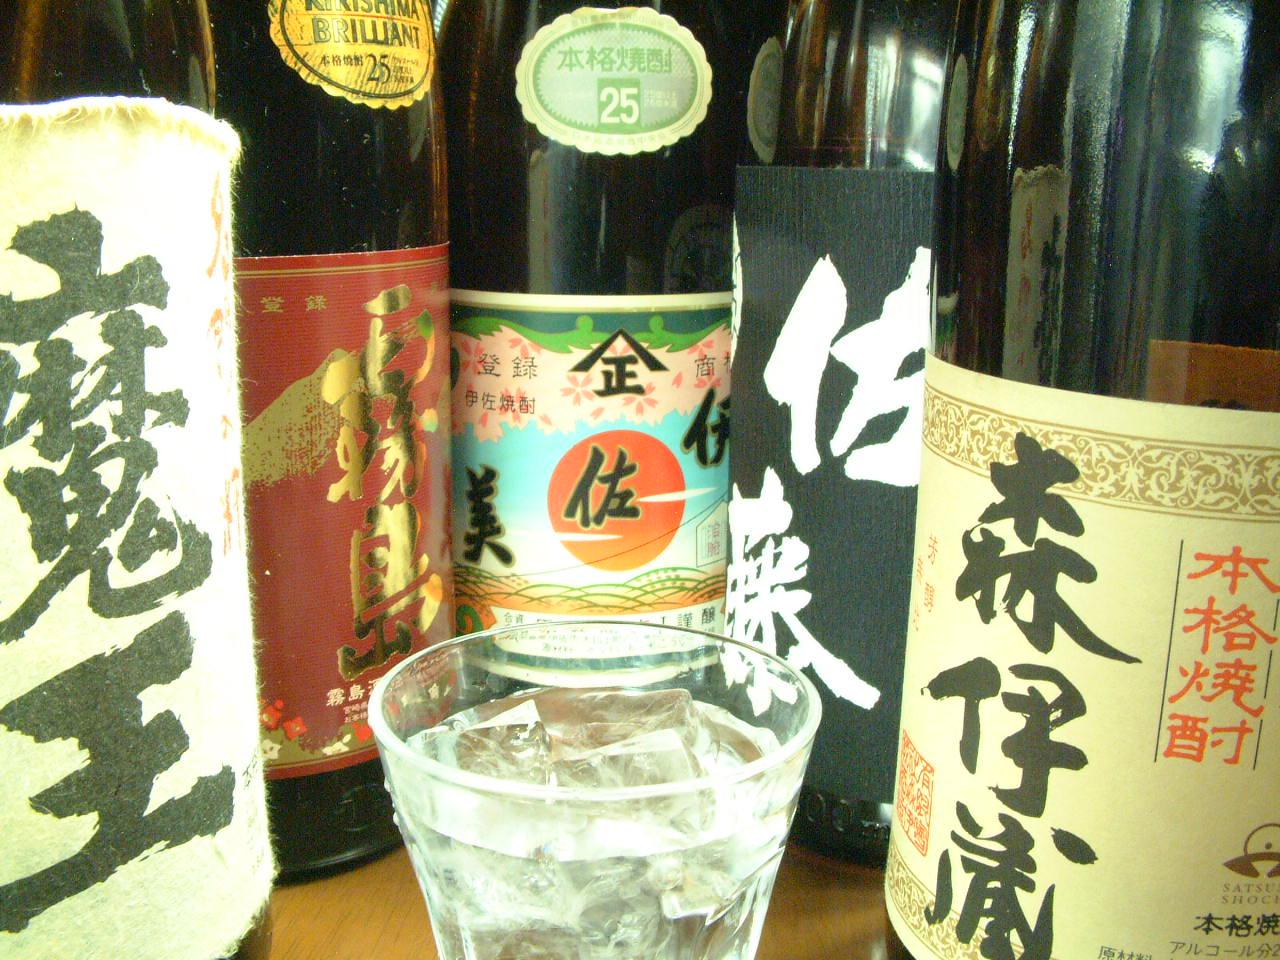 プレミアを含む豊富な焼酎・日本酒がええねん!